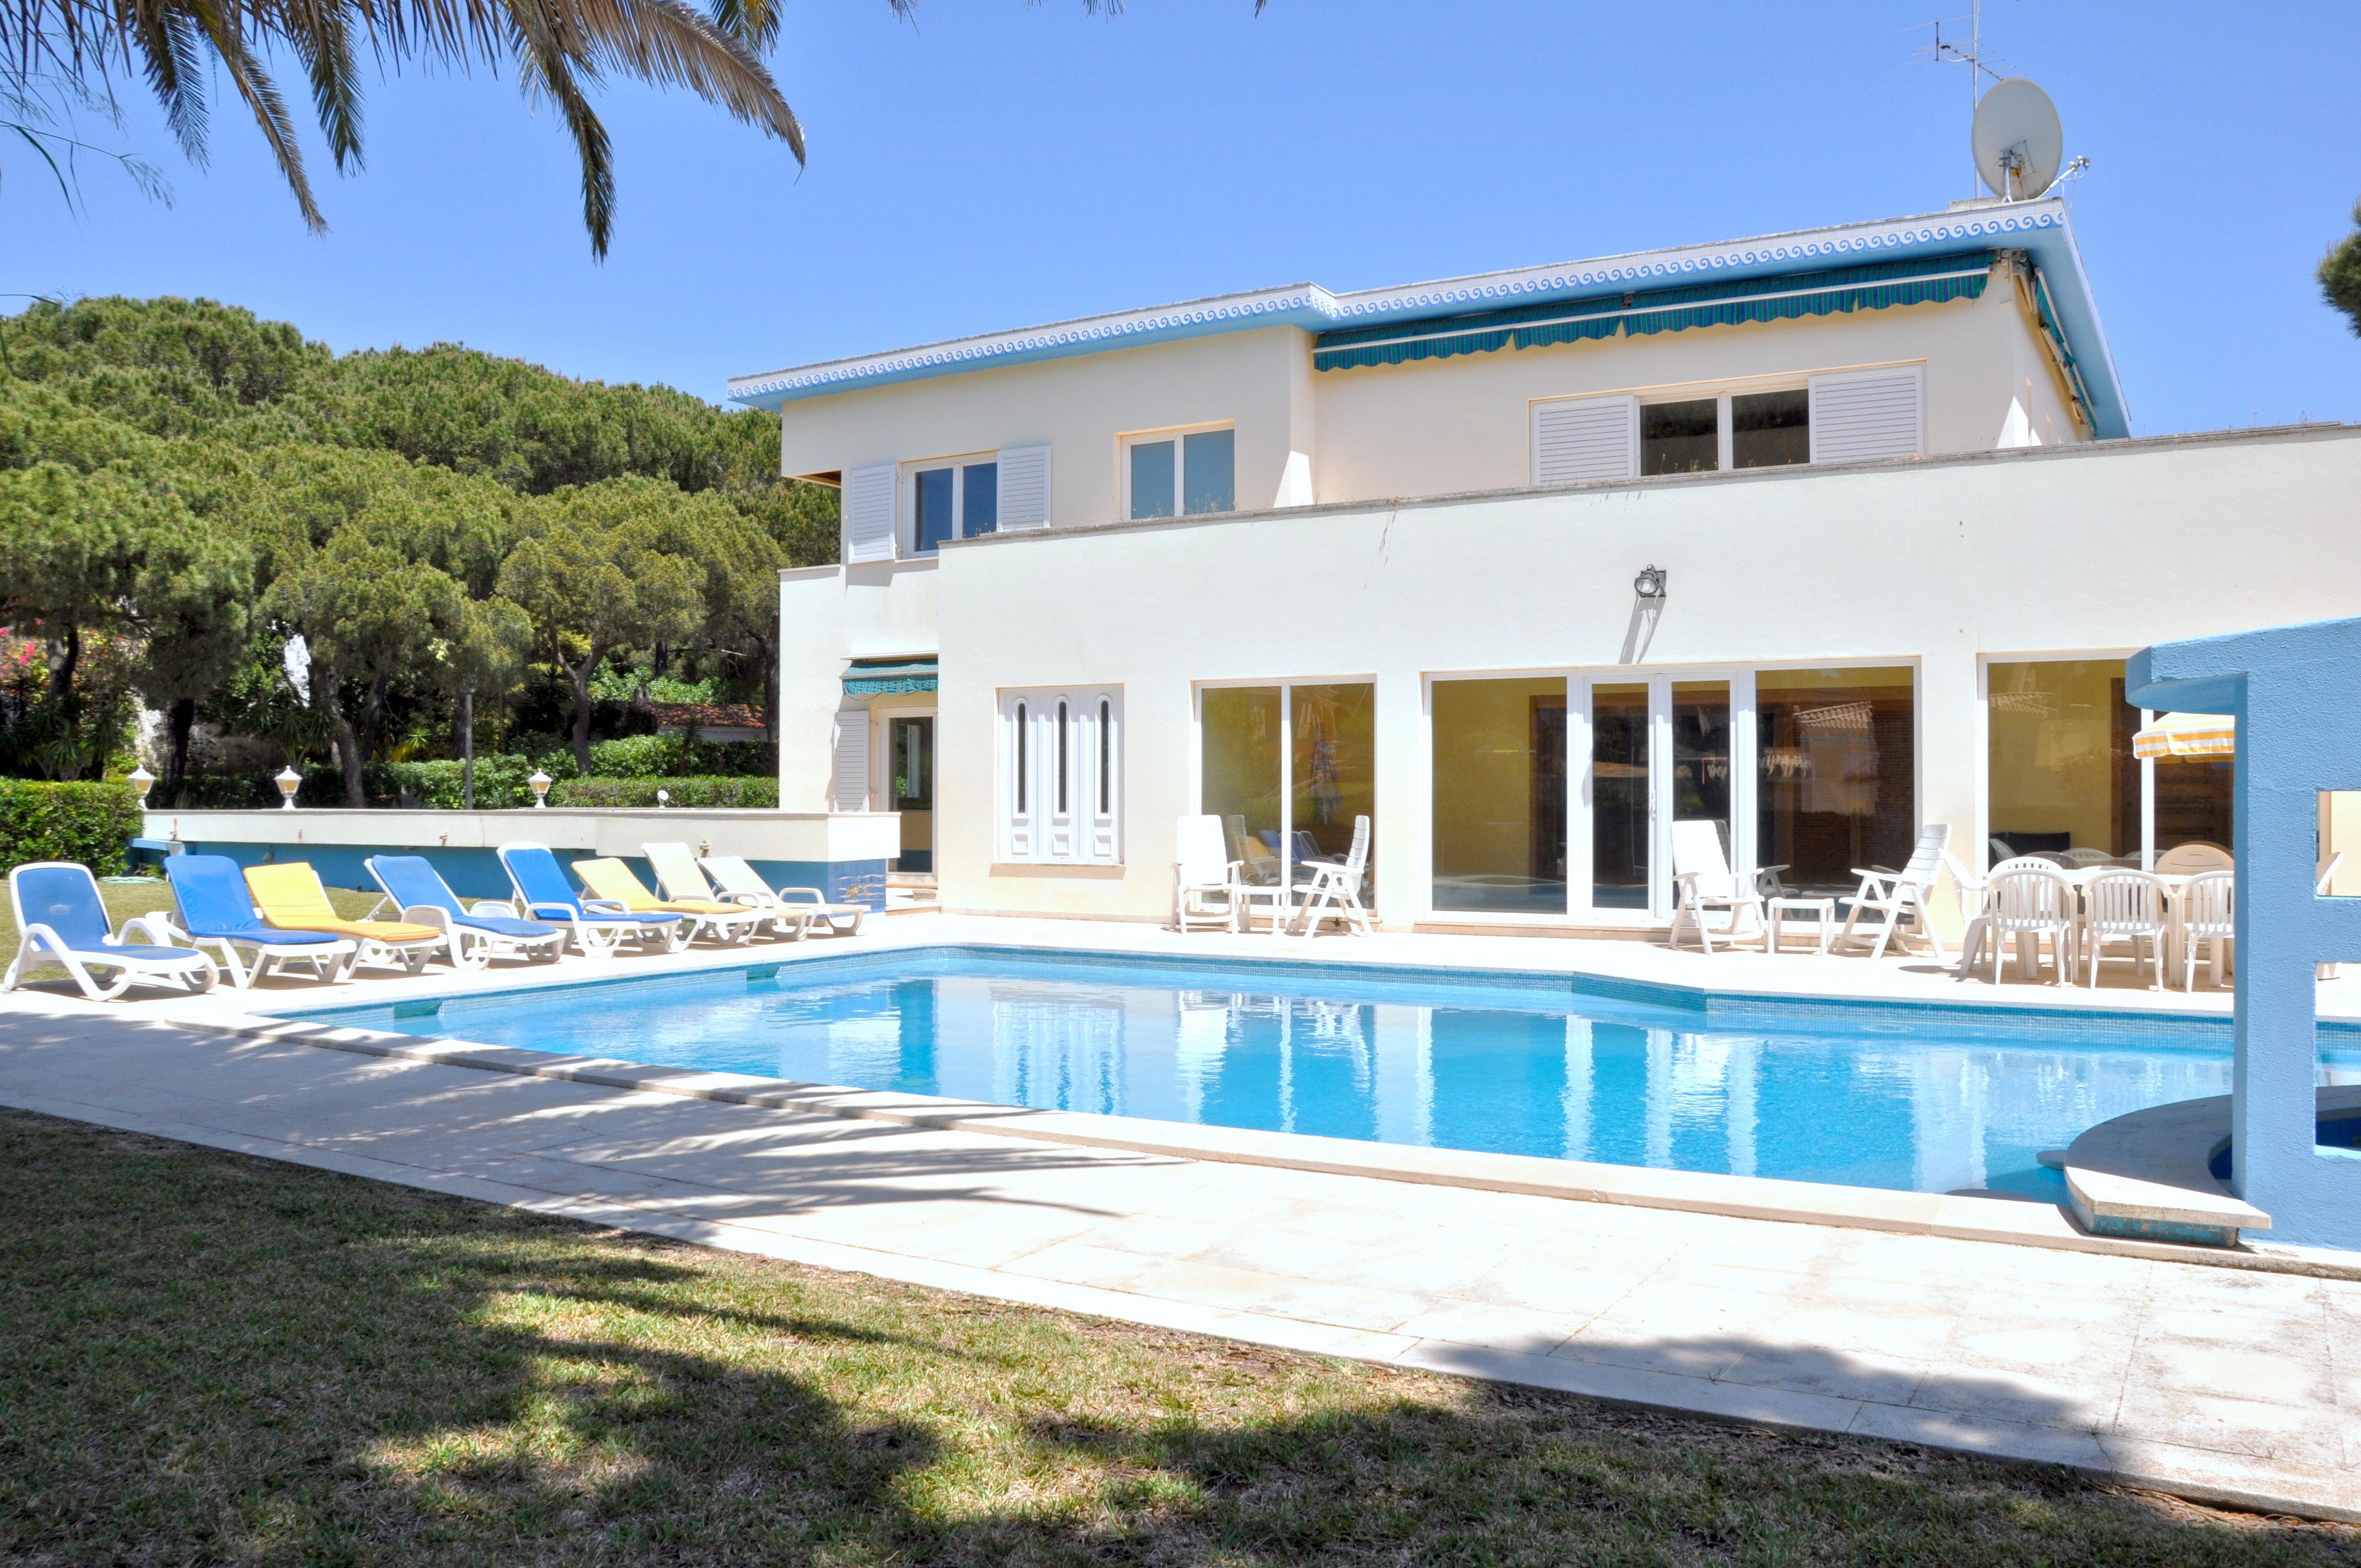 Eine charmante gemutliche Atmosphare empfangt Sie in dieser beeindruckenden Villa in